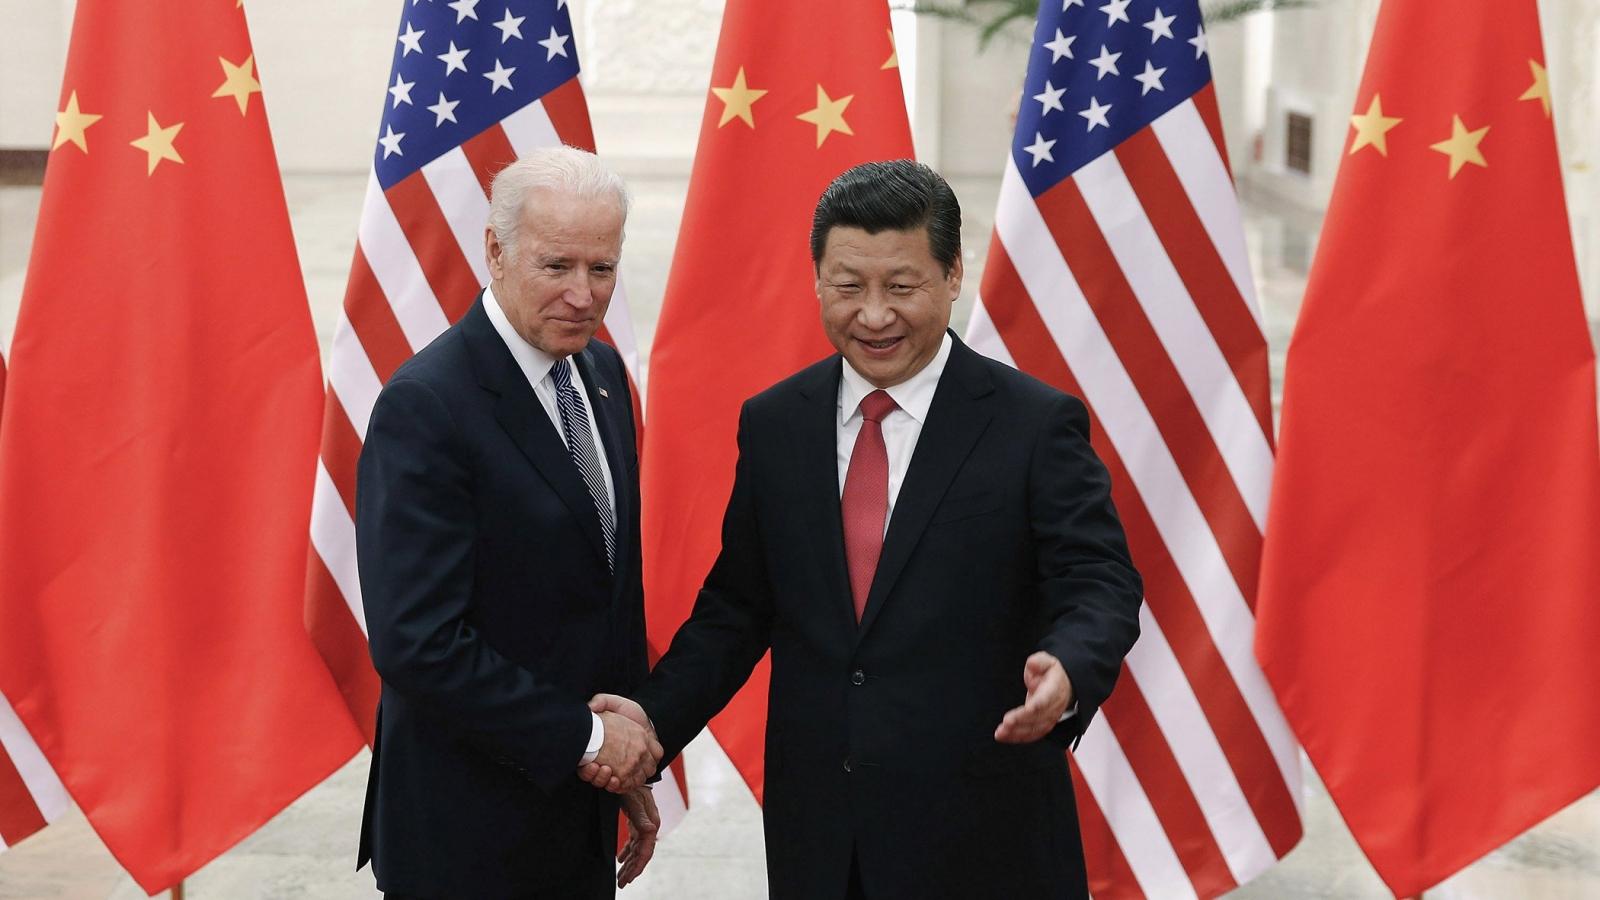 """Biden trước sức ép """"phải khác"""" Trump trong chính sách với Trung Quốc"""